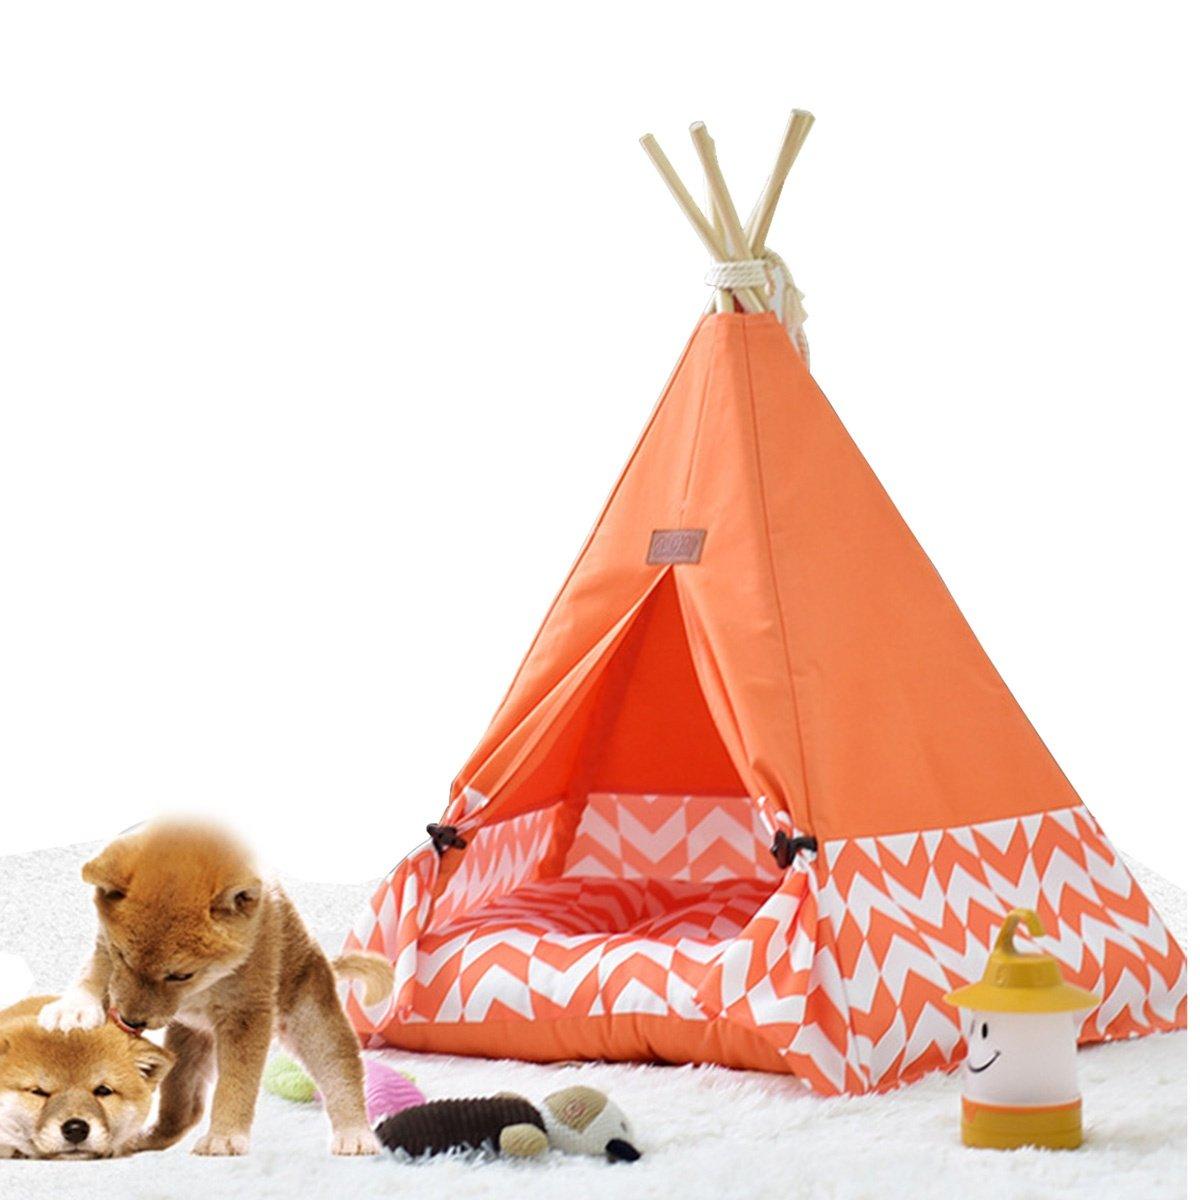 shanzhizui Tienda de Mascotas Extraíble y Lavable Perrera Arena para Gatos de Madera Cama para Mascotas Four Seasons, Orange, L: Amazon.es: Productos para ...